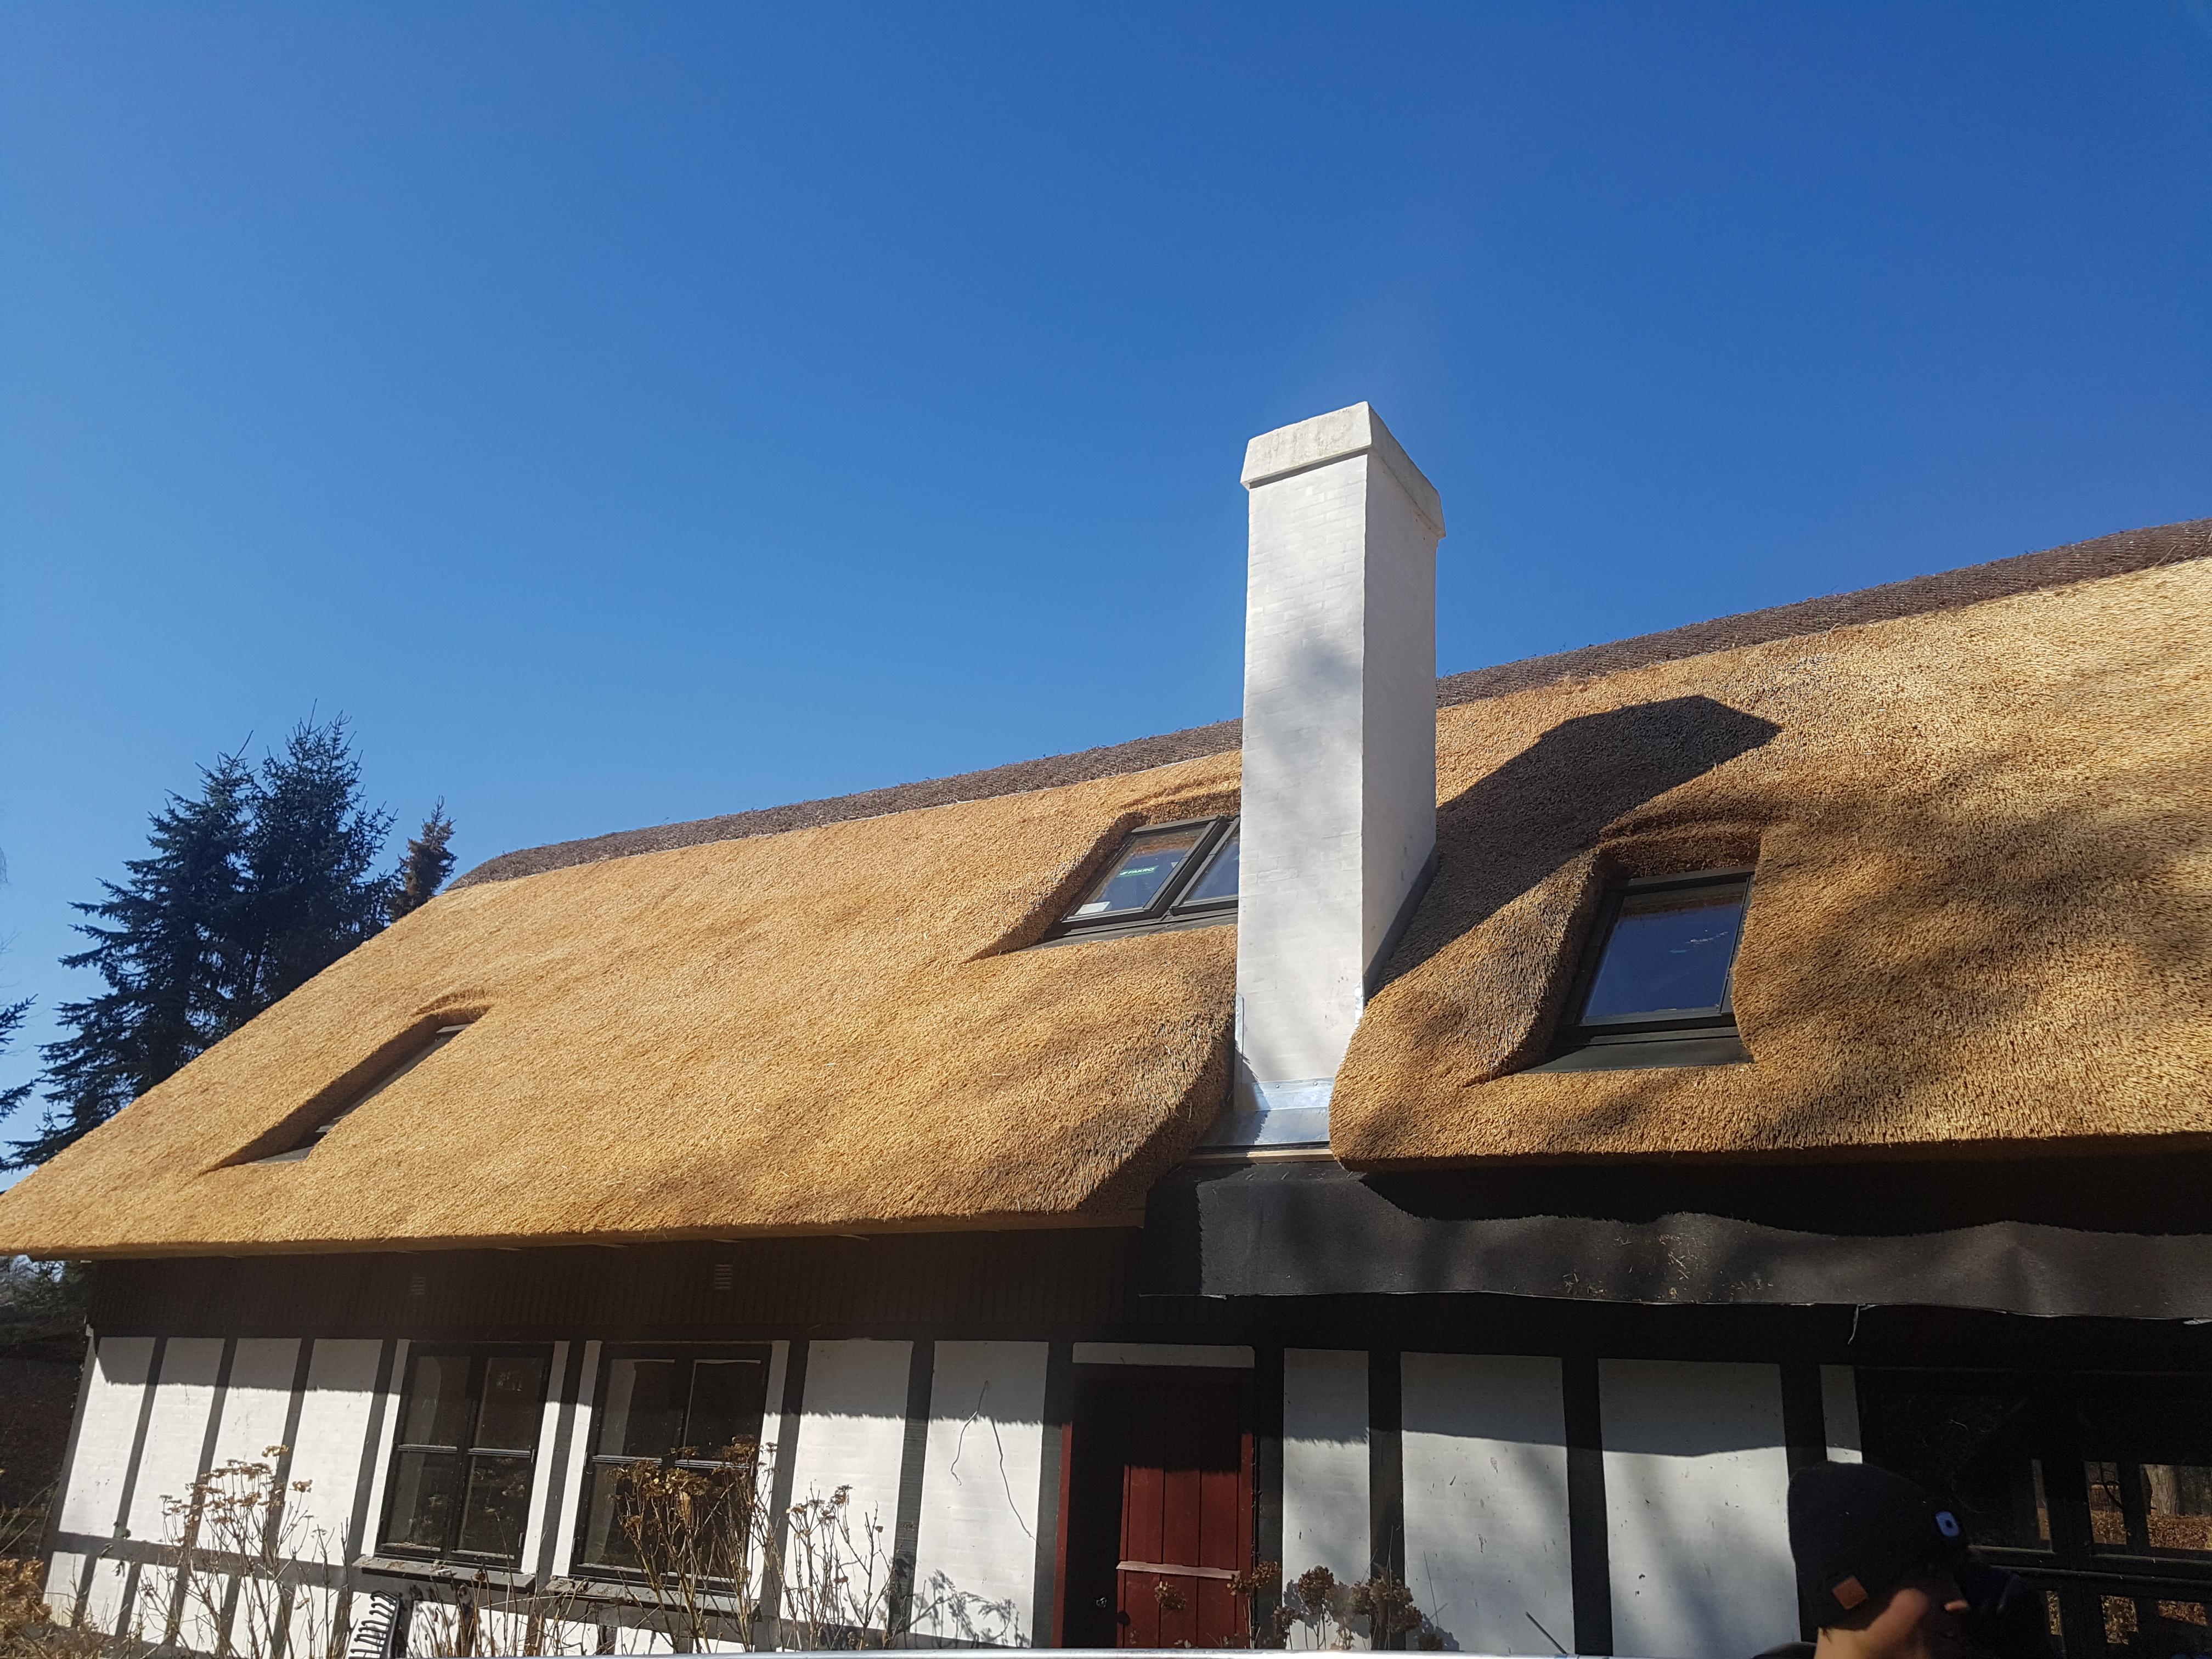 Nyt stråtag på sommerhus ved Skæring Strand. Der er isat nye ovenlysvinduer, lavet zinkinddækning ved skorsten, SEPATEC brandisolering og ny lyngmønning.